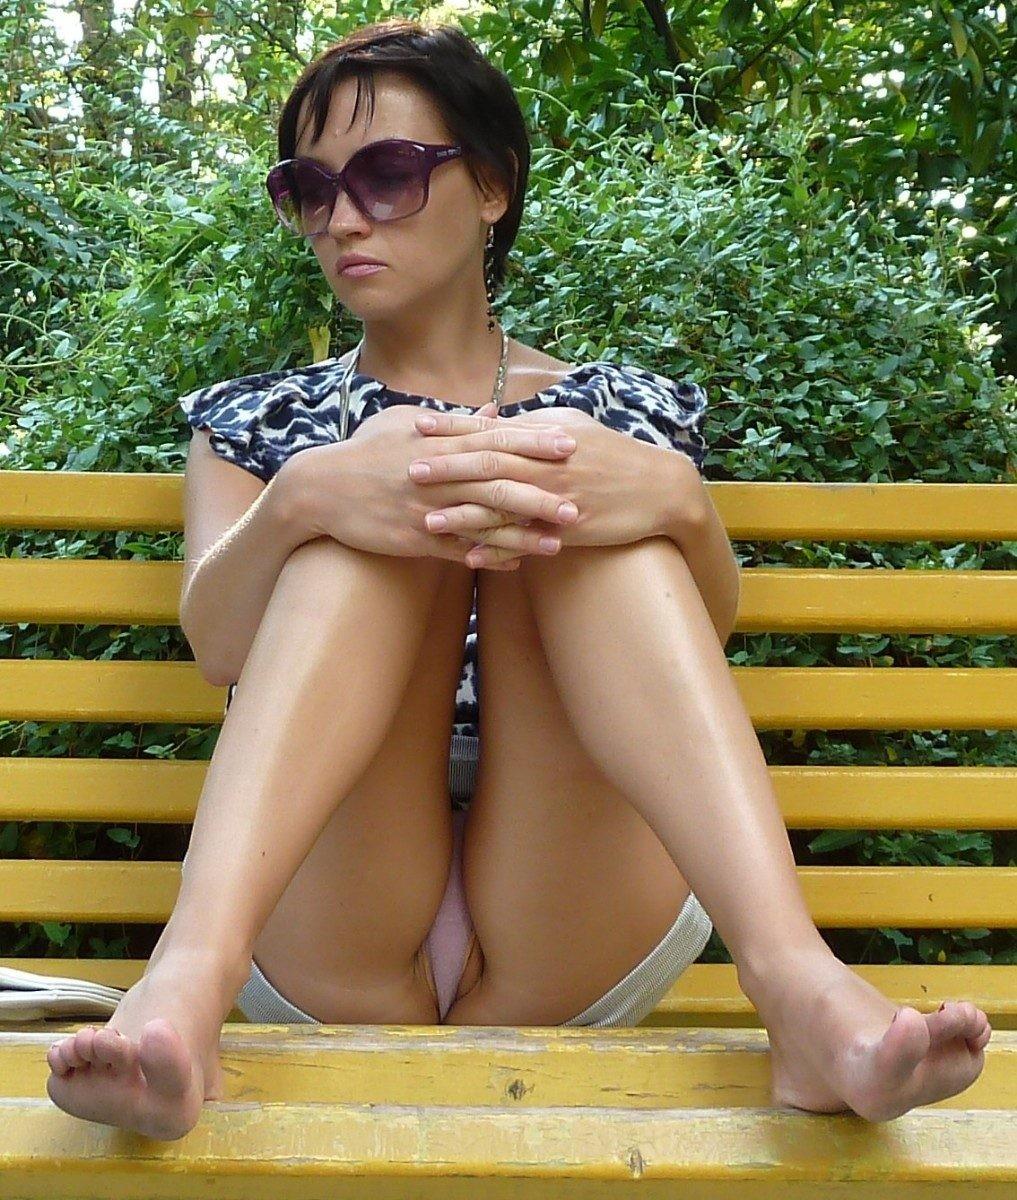 Sexy Panties Upskirt